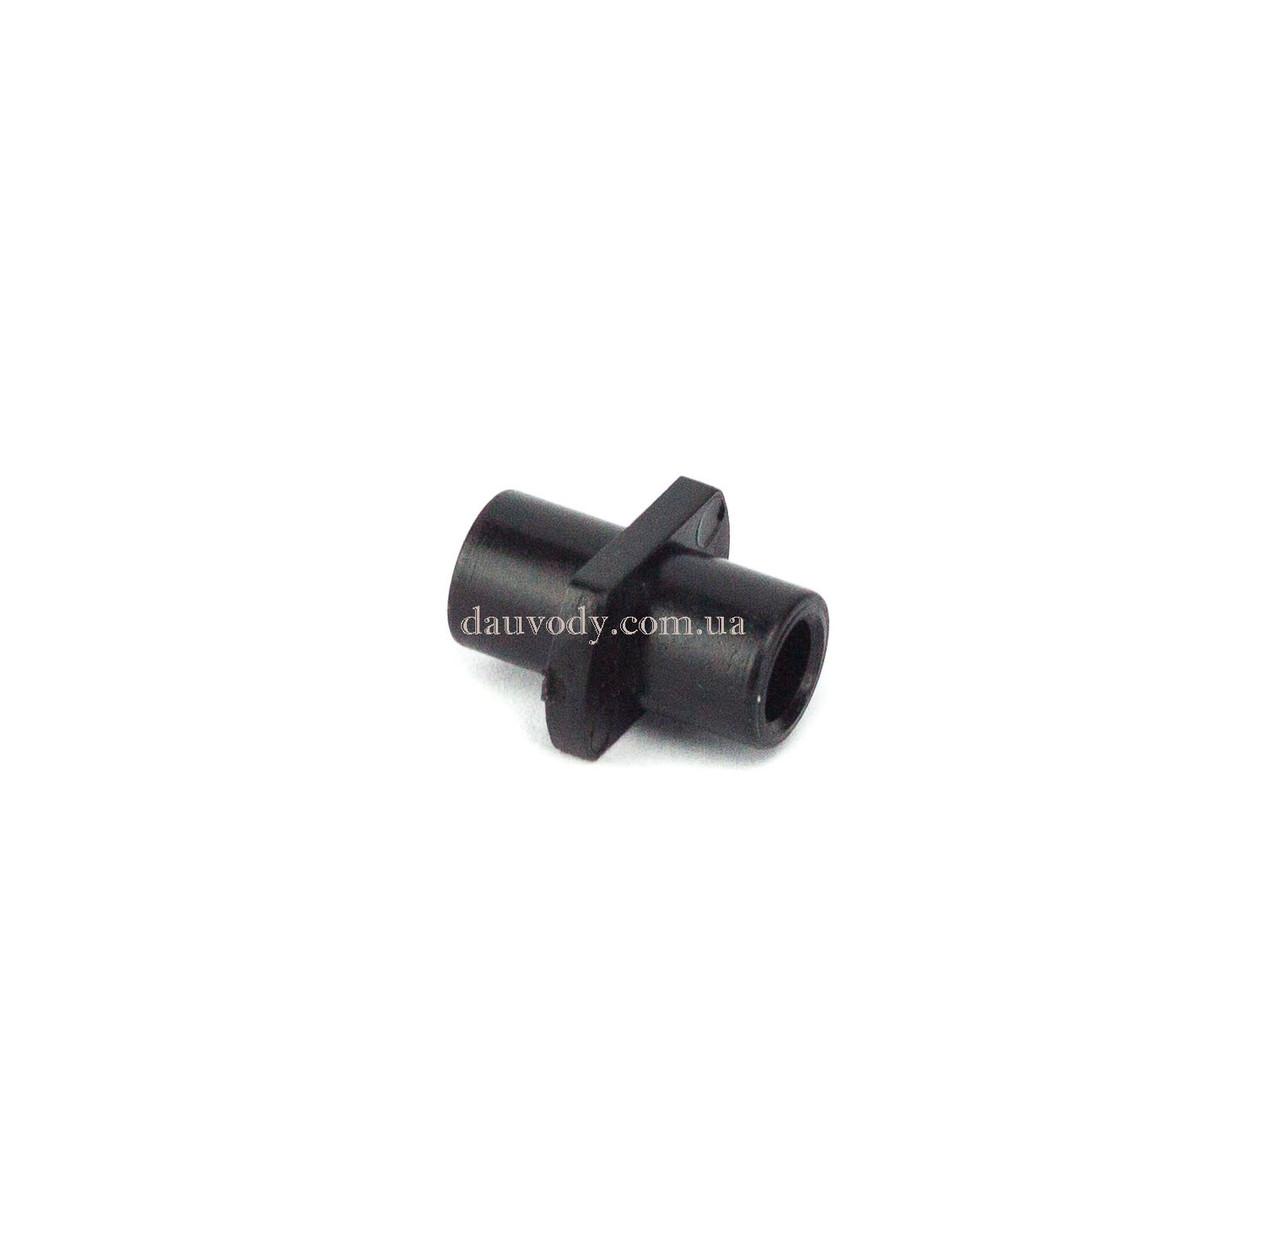 Адаптер для микроспринклеров соединительный (внутренний) 5 мм